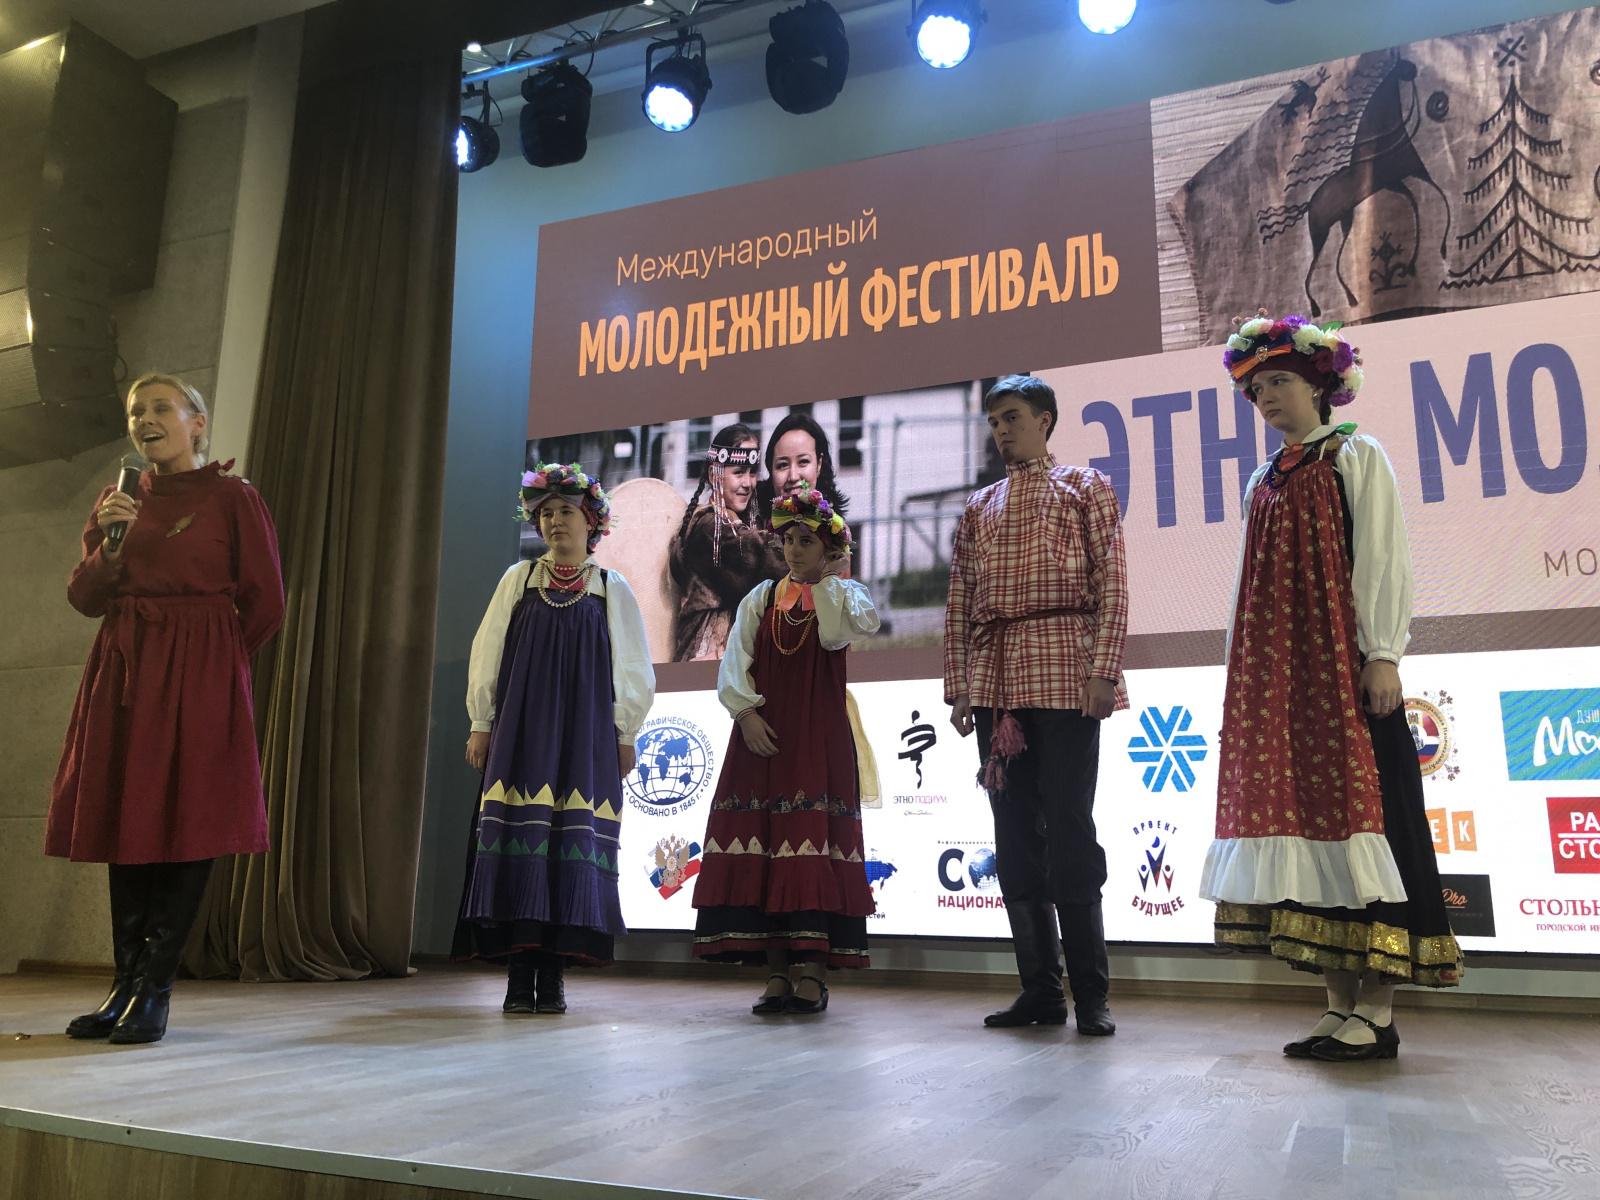 mezhdunarodnyj-molodezhnyj-festival-ehtno-modno-1